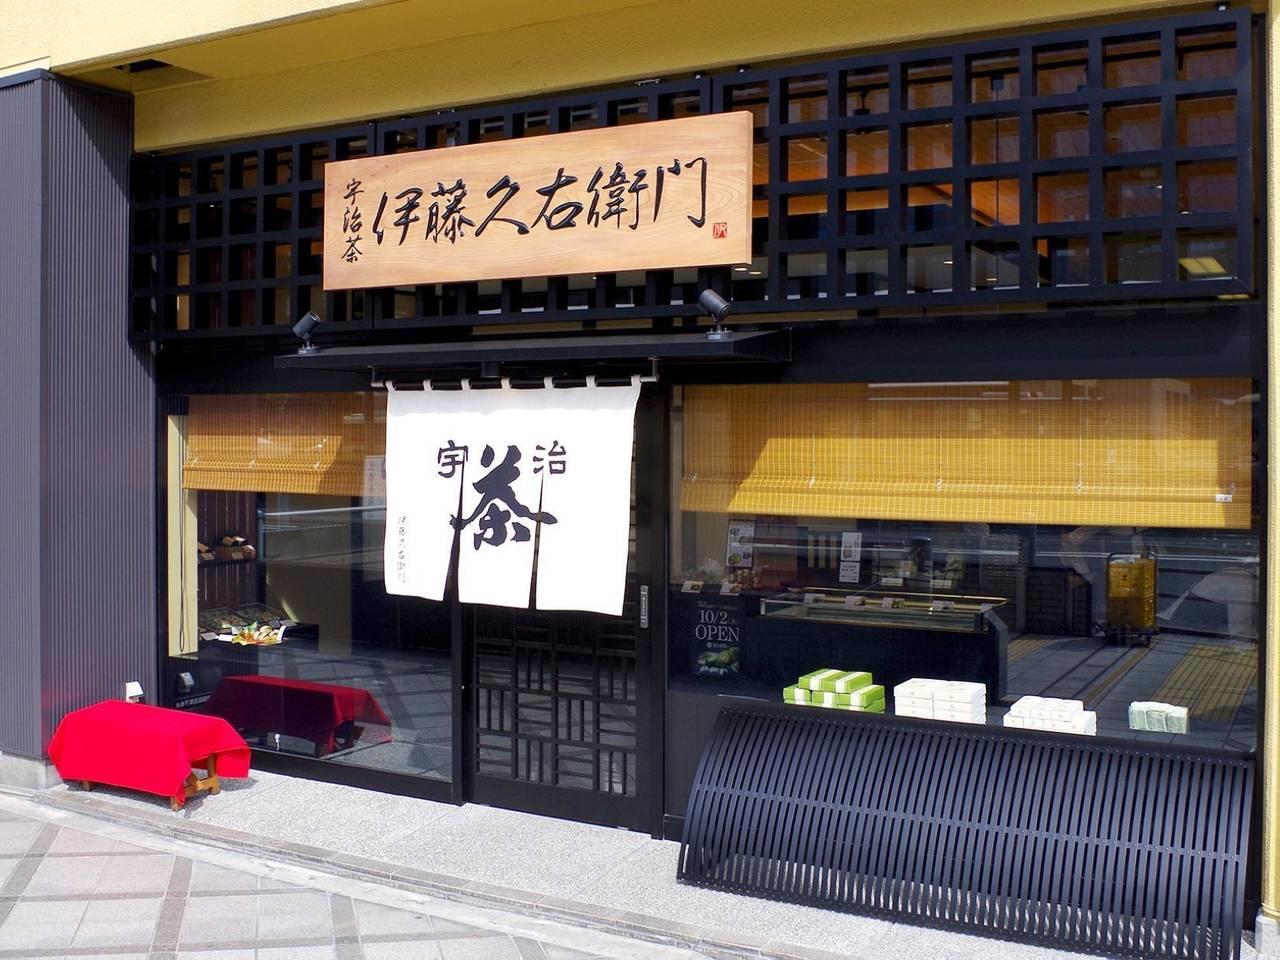 【京都車站周邊】美食、購物觀光景點15選